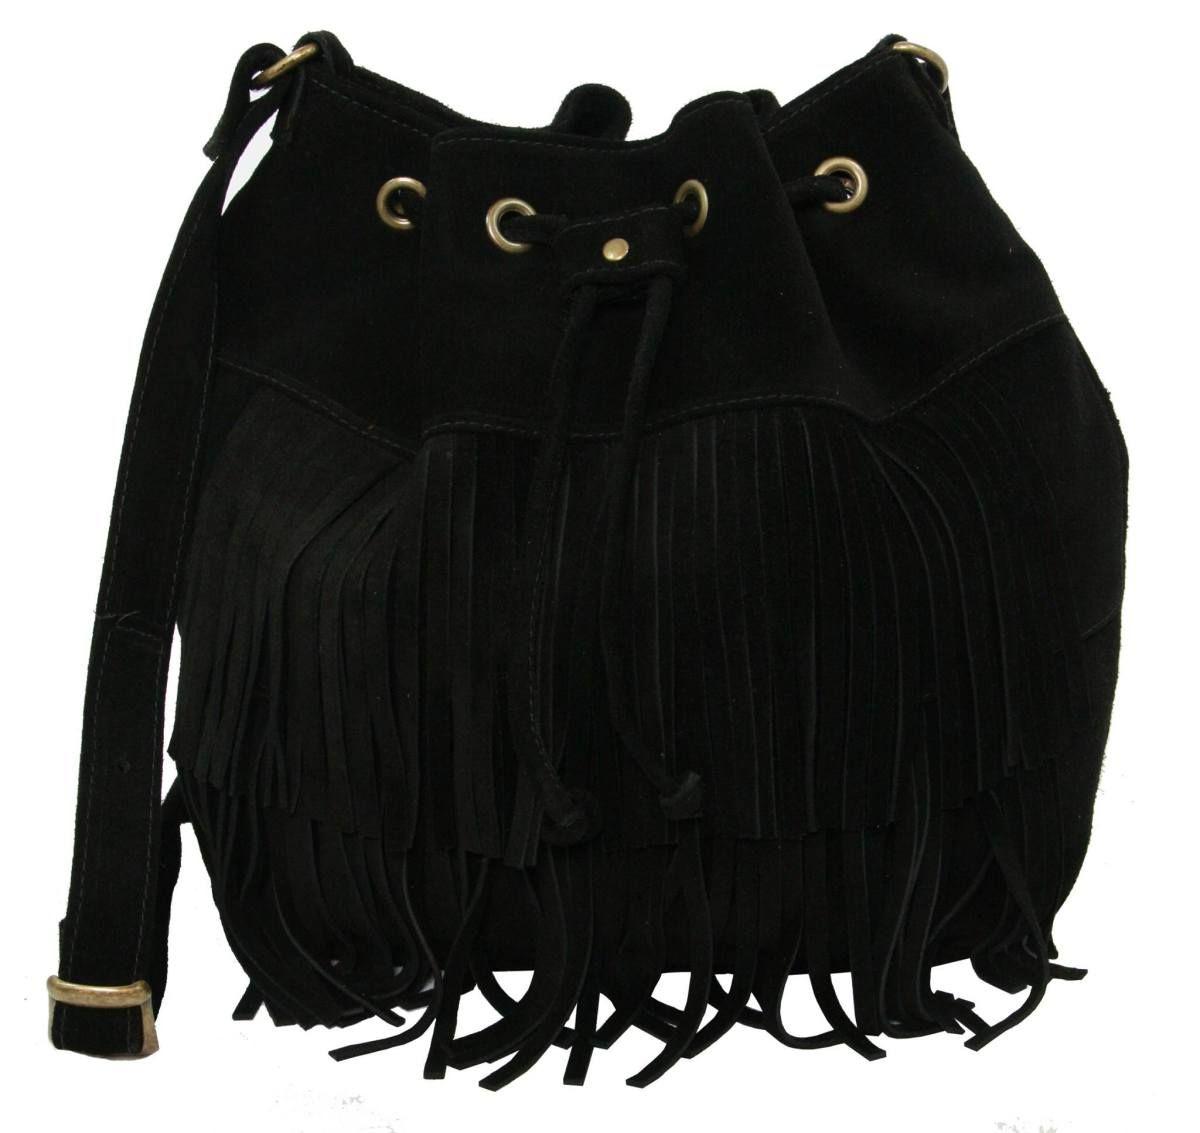 27a0736de Bolsa saco com franja de couro legitimo | B A G S | Moda, Bolsos e ...